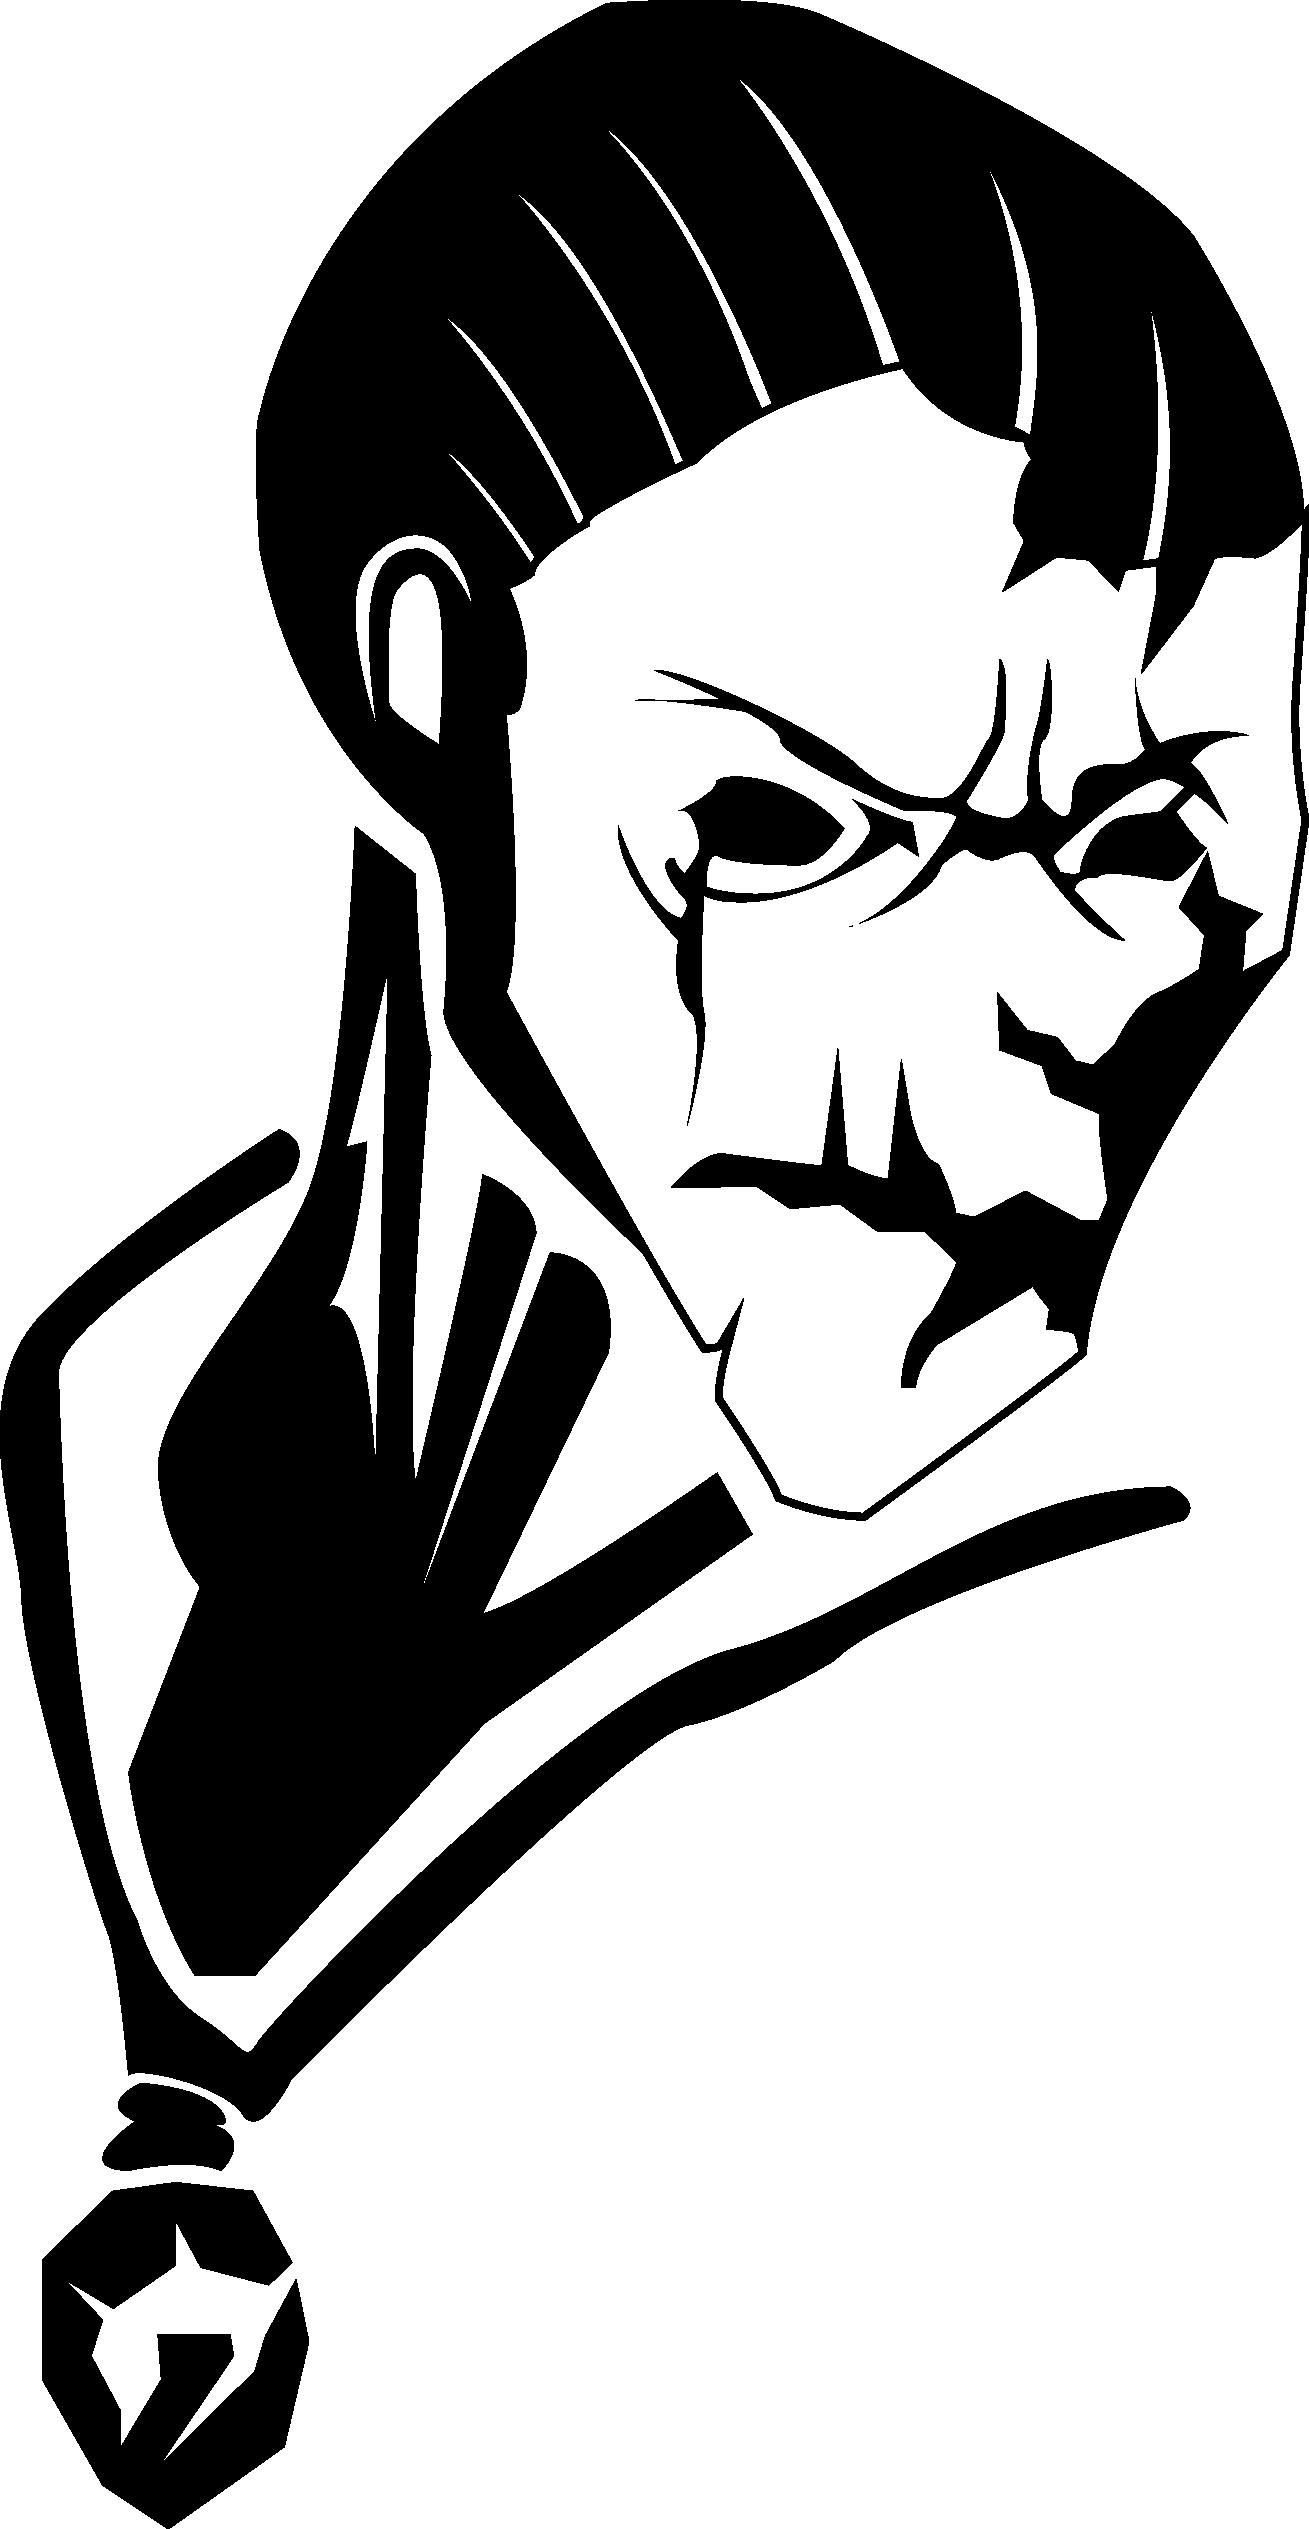 18 - X4nc5BL